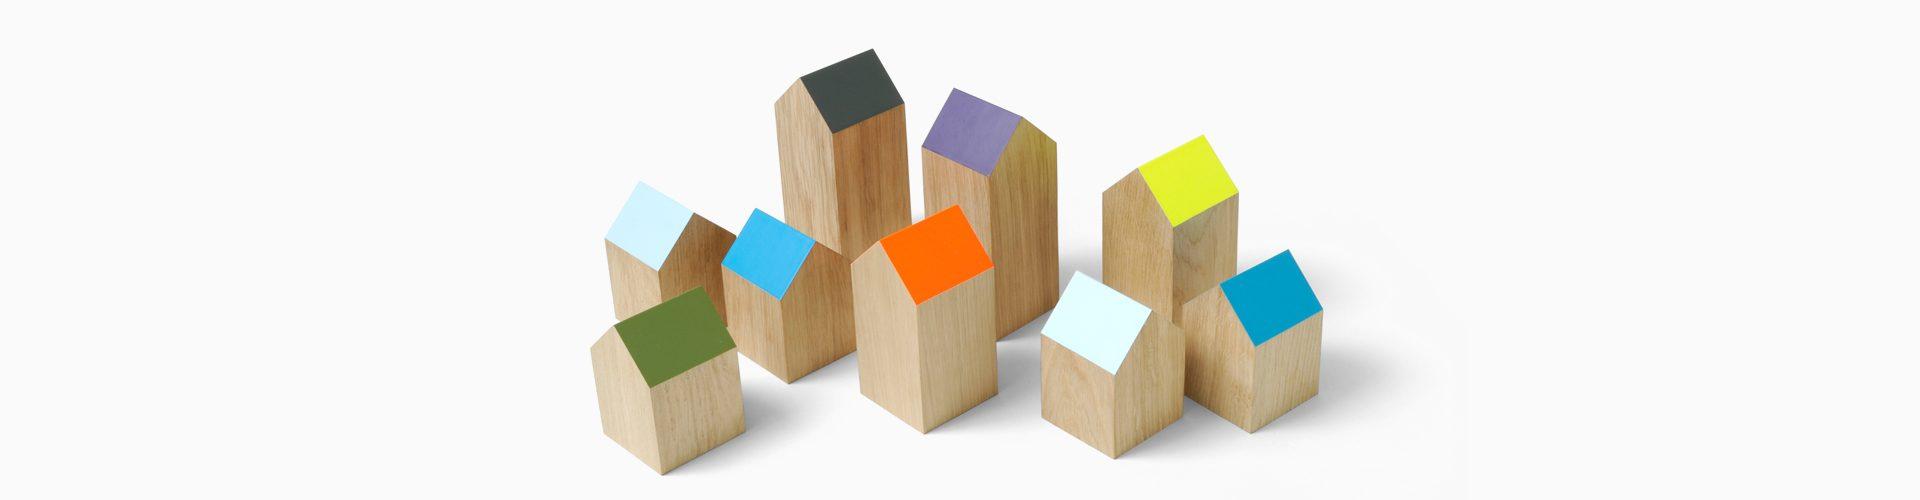 Houten blokjes in de vorm van een huisje met gekleurde schuine daken